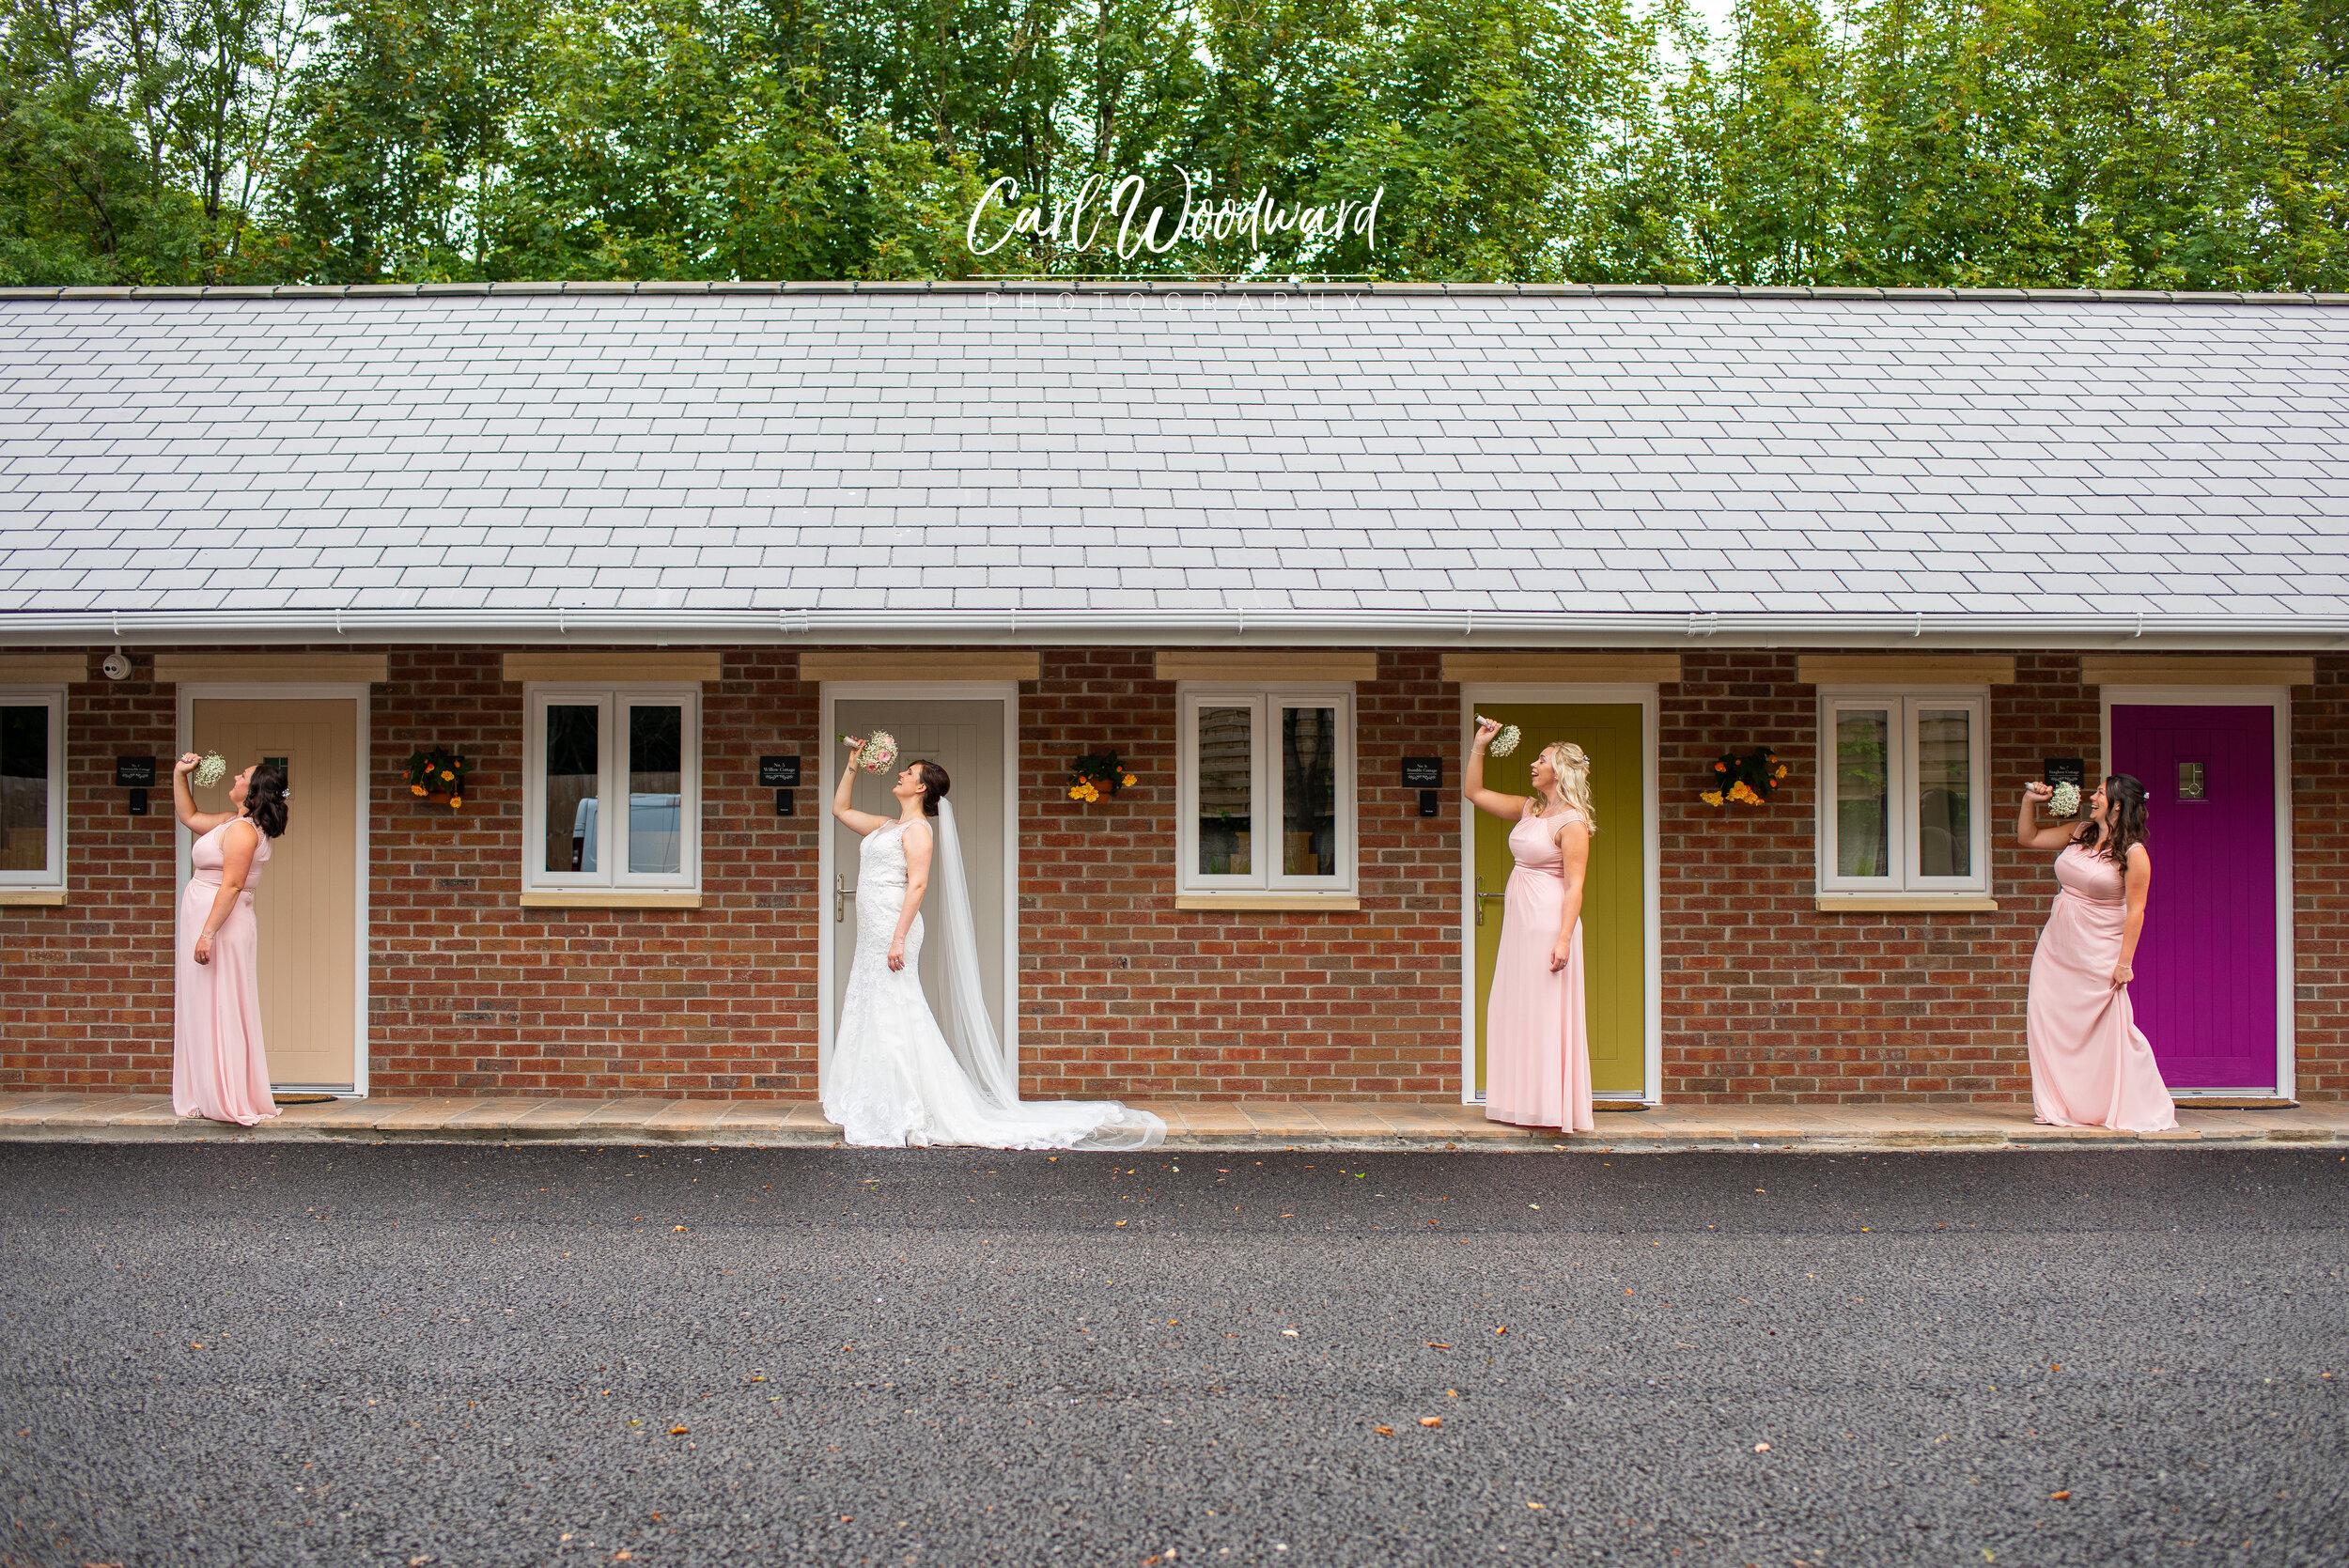 018-De-Courcesys-Manor-Weddings.jpg